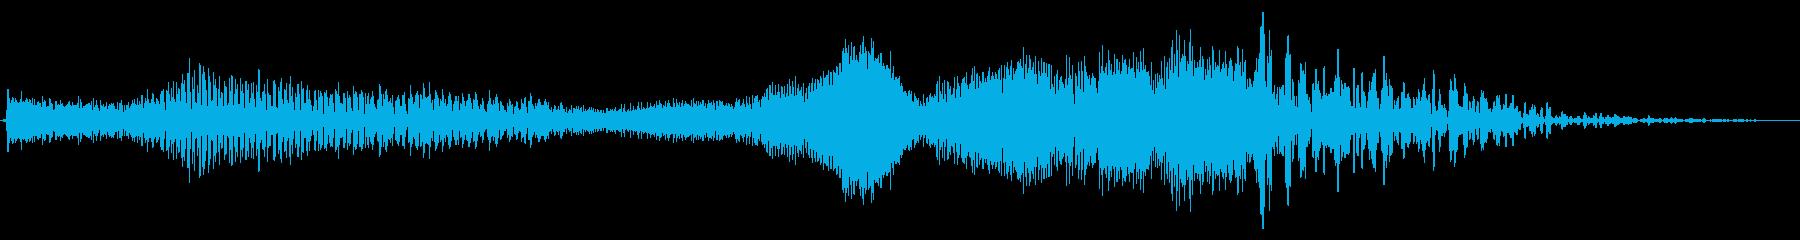 モーターキャニオン、メタルスラップ...の再生済みの波形